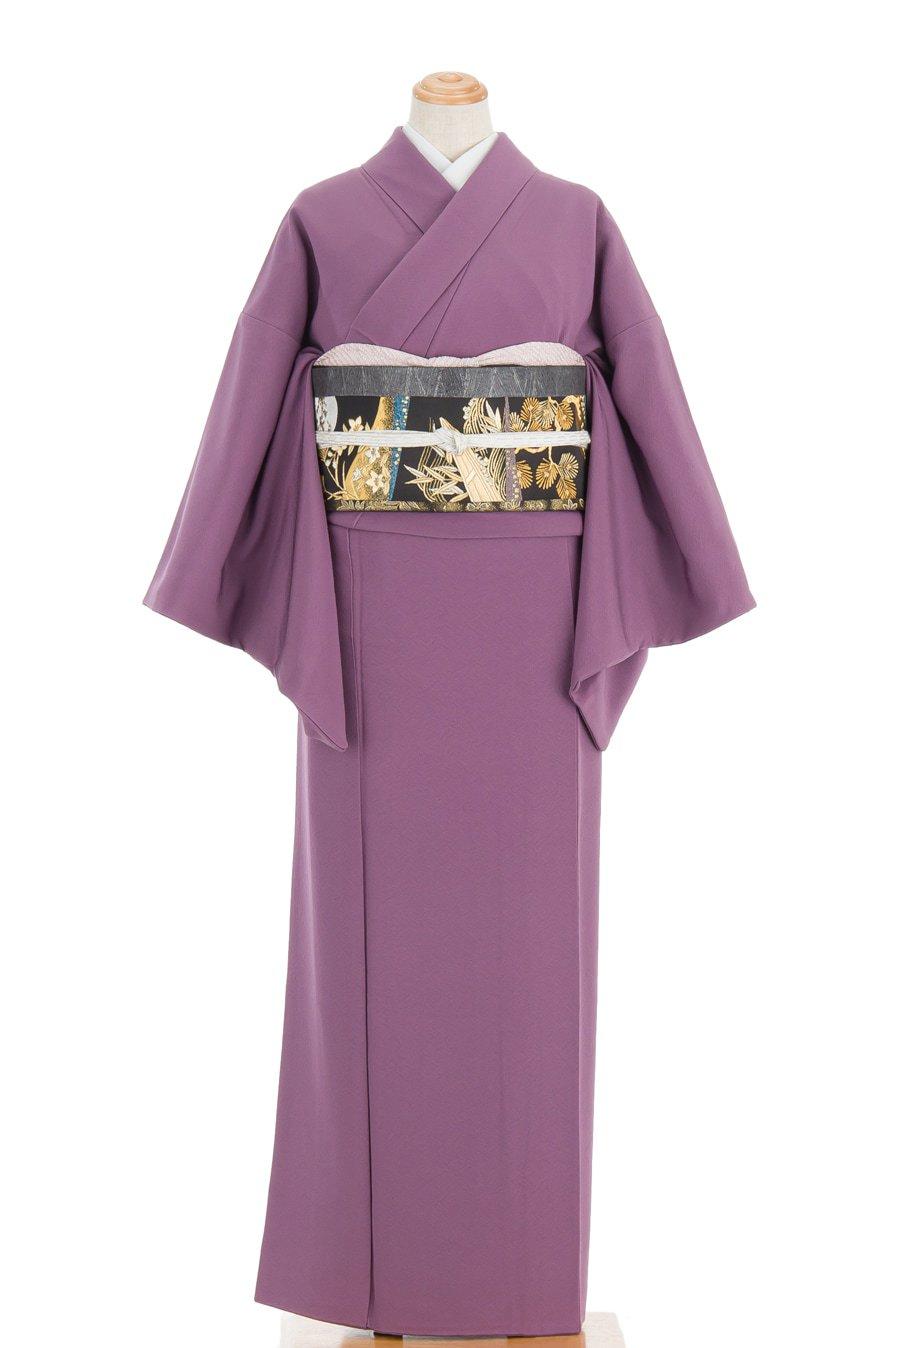 「色無地 一つ紋 若紫」の商品画像